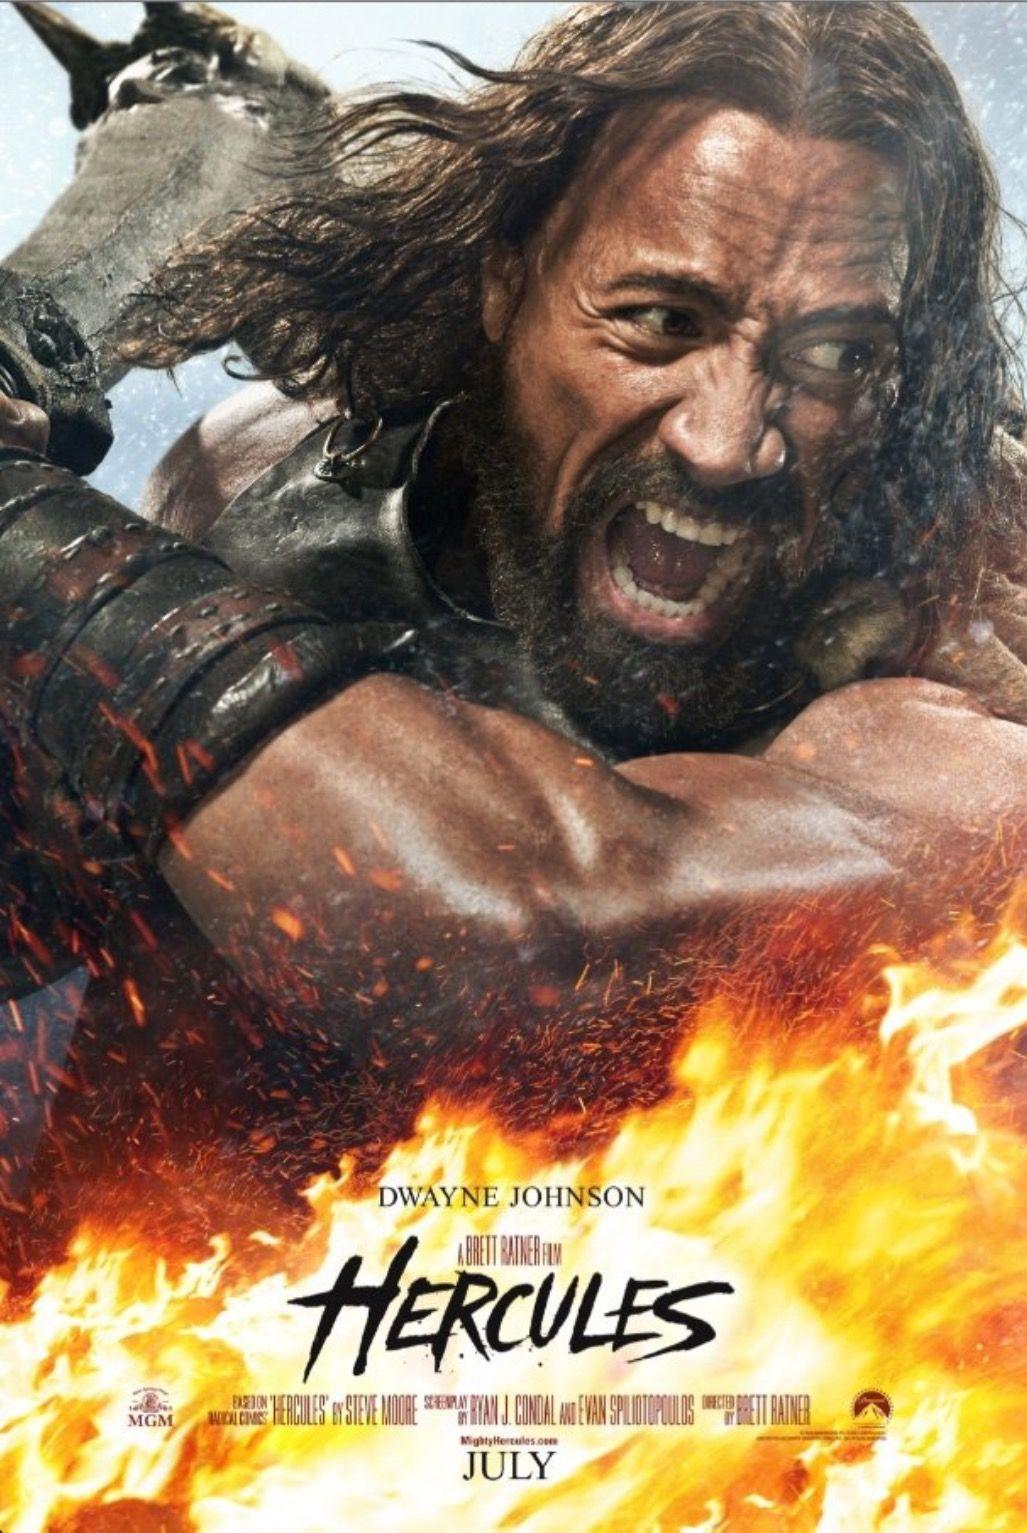 Pin by Craig Jowles on My Year in Film Hercules movie